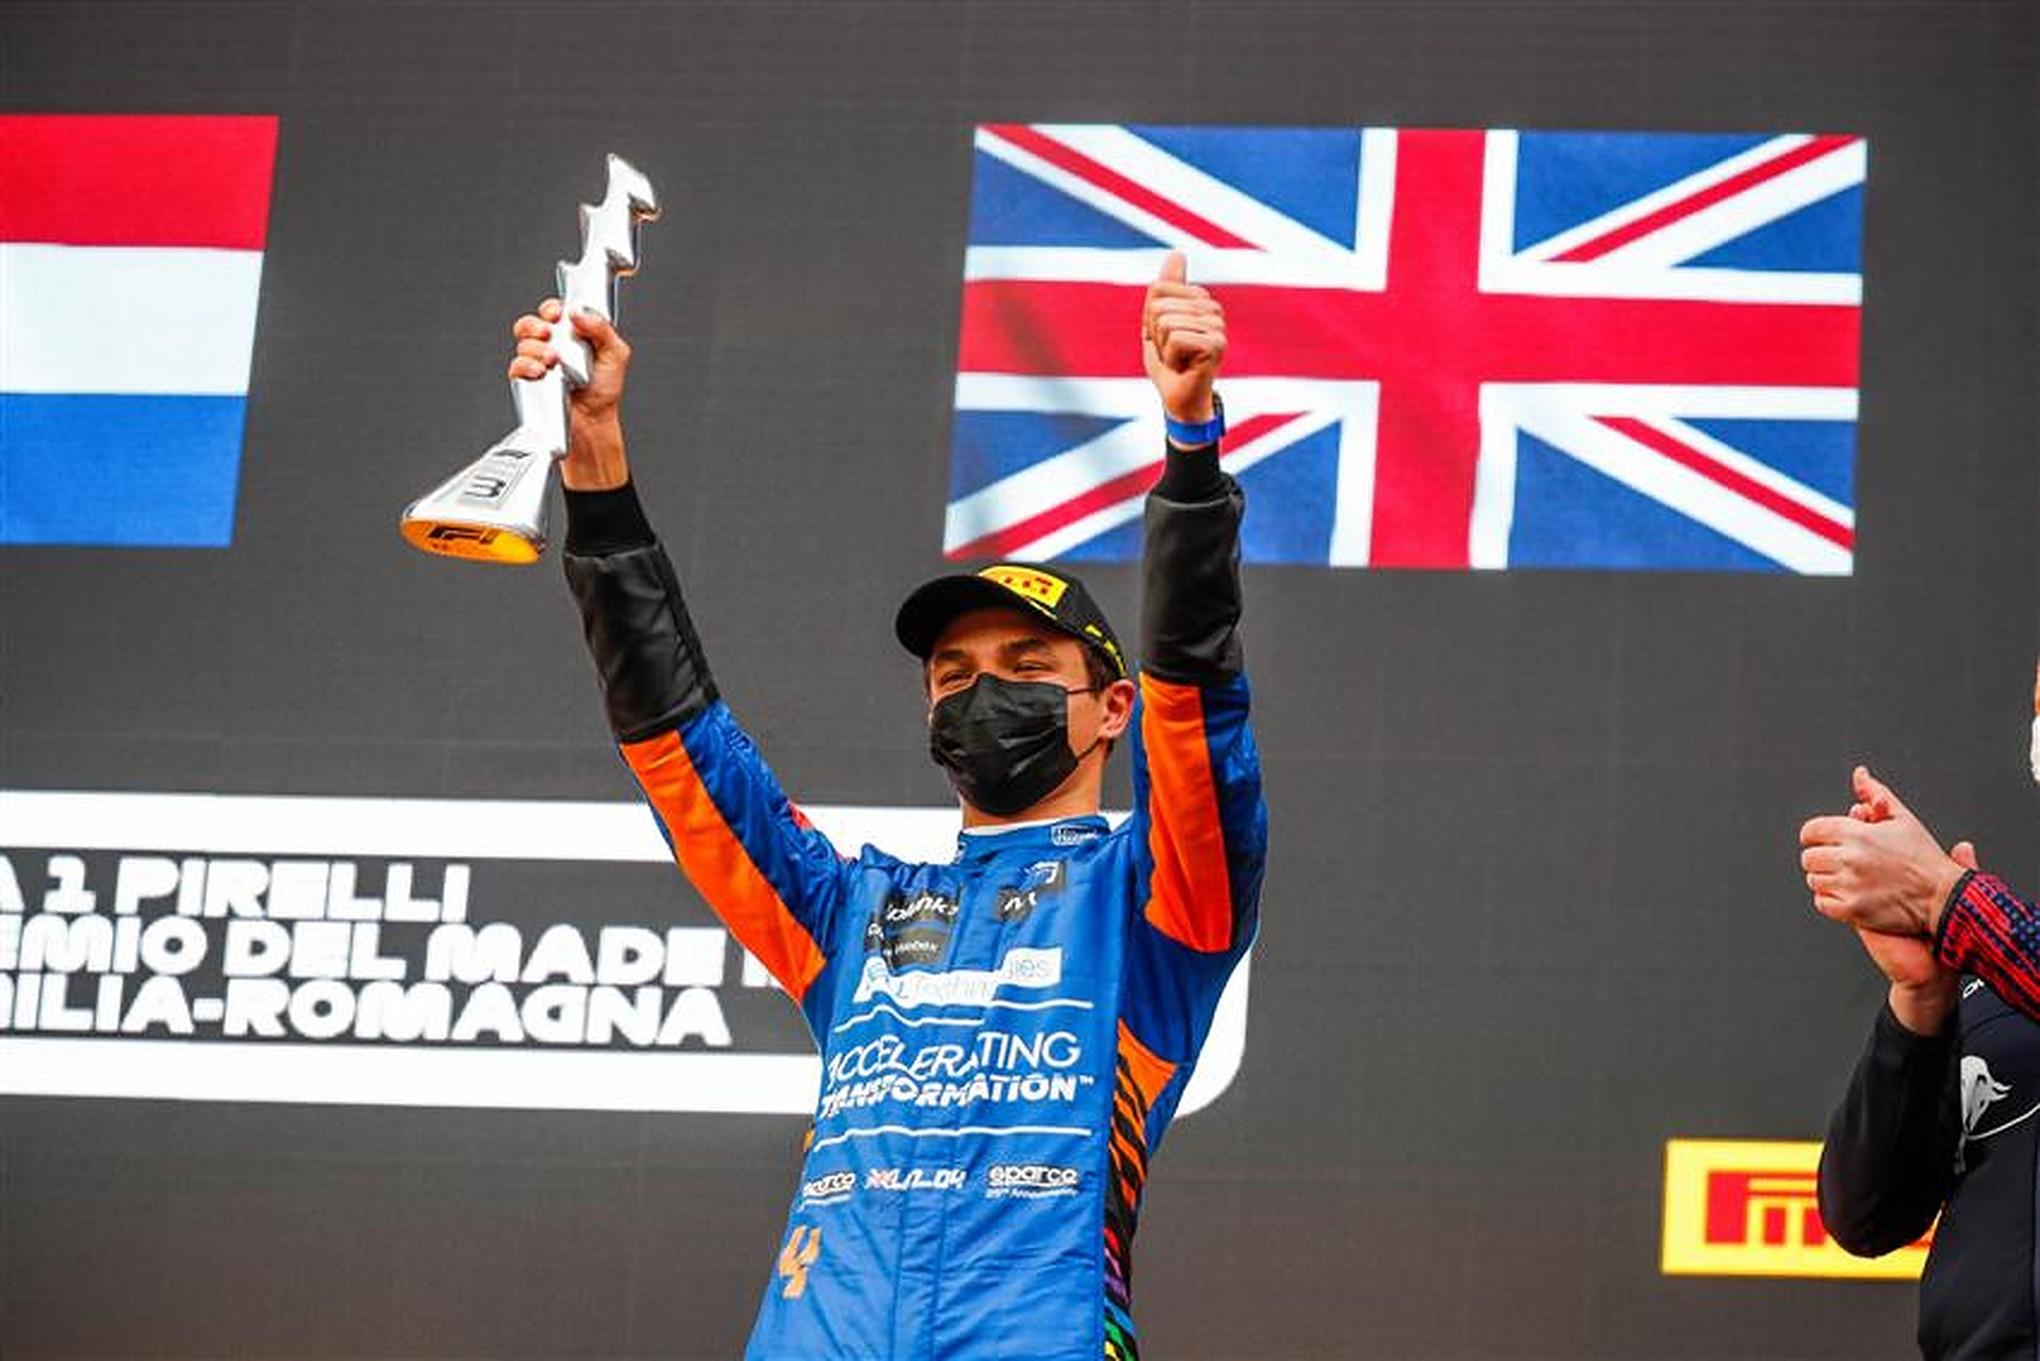 Lando Norris on the podium at Imola - Formula1news.co.uk